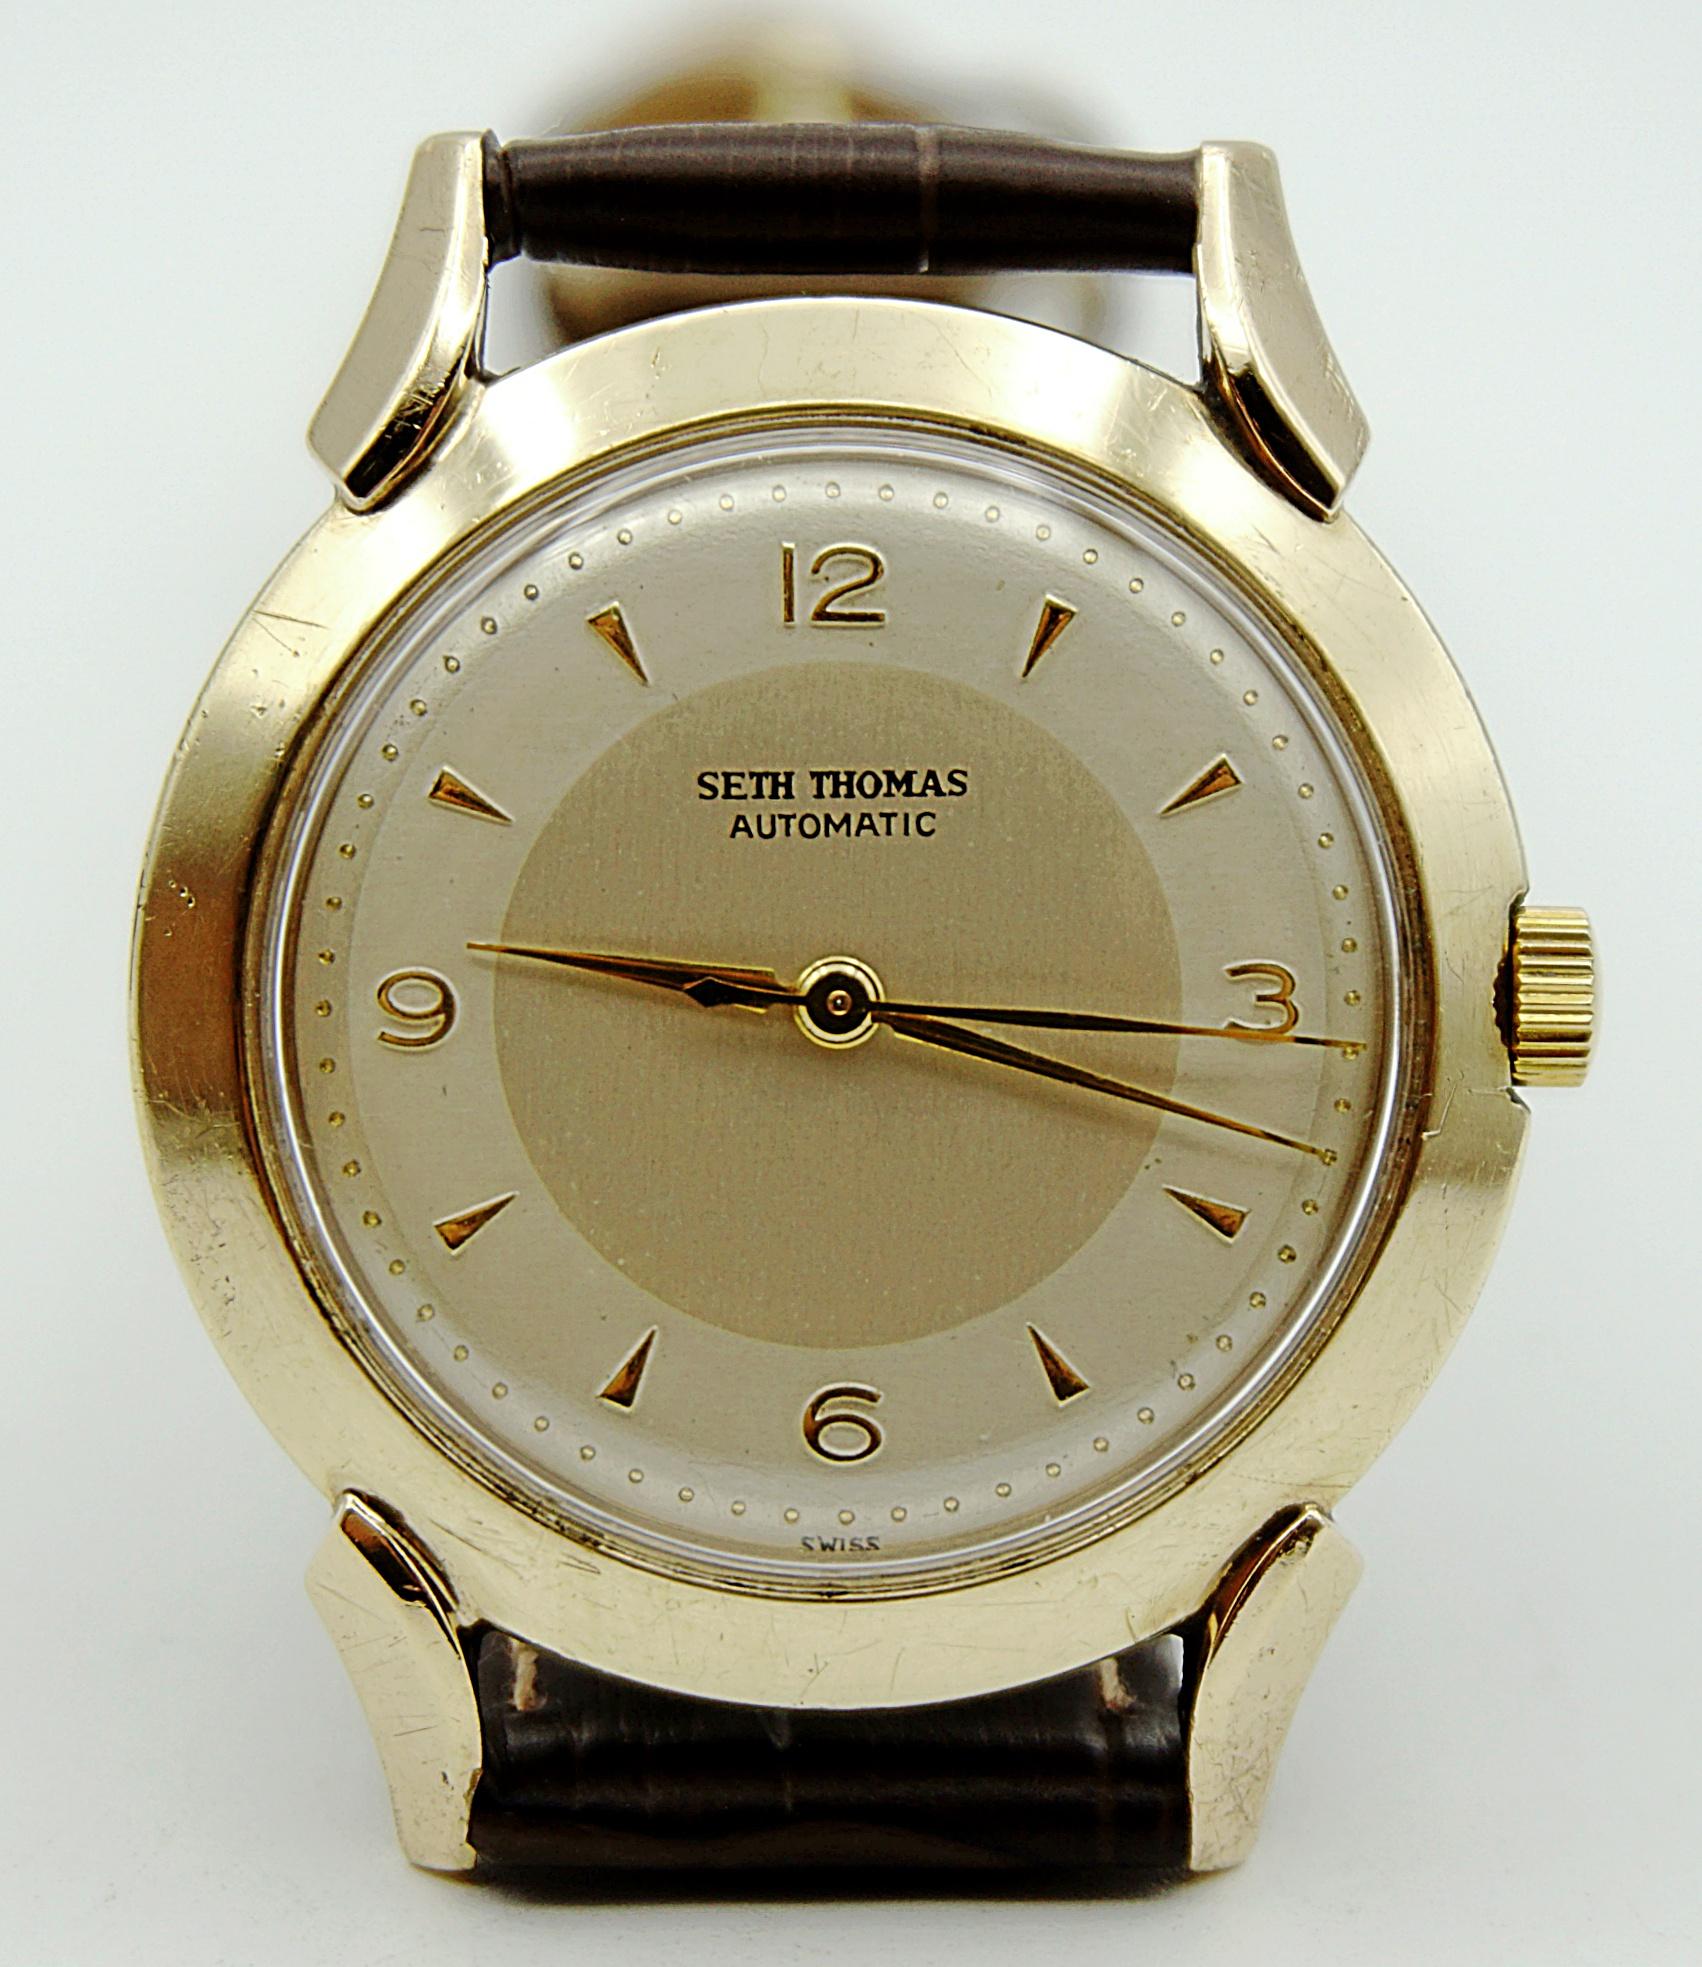 นาฬิกาเก่า SETH THOMAS ออโตเมติก